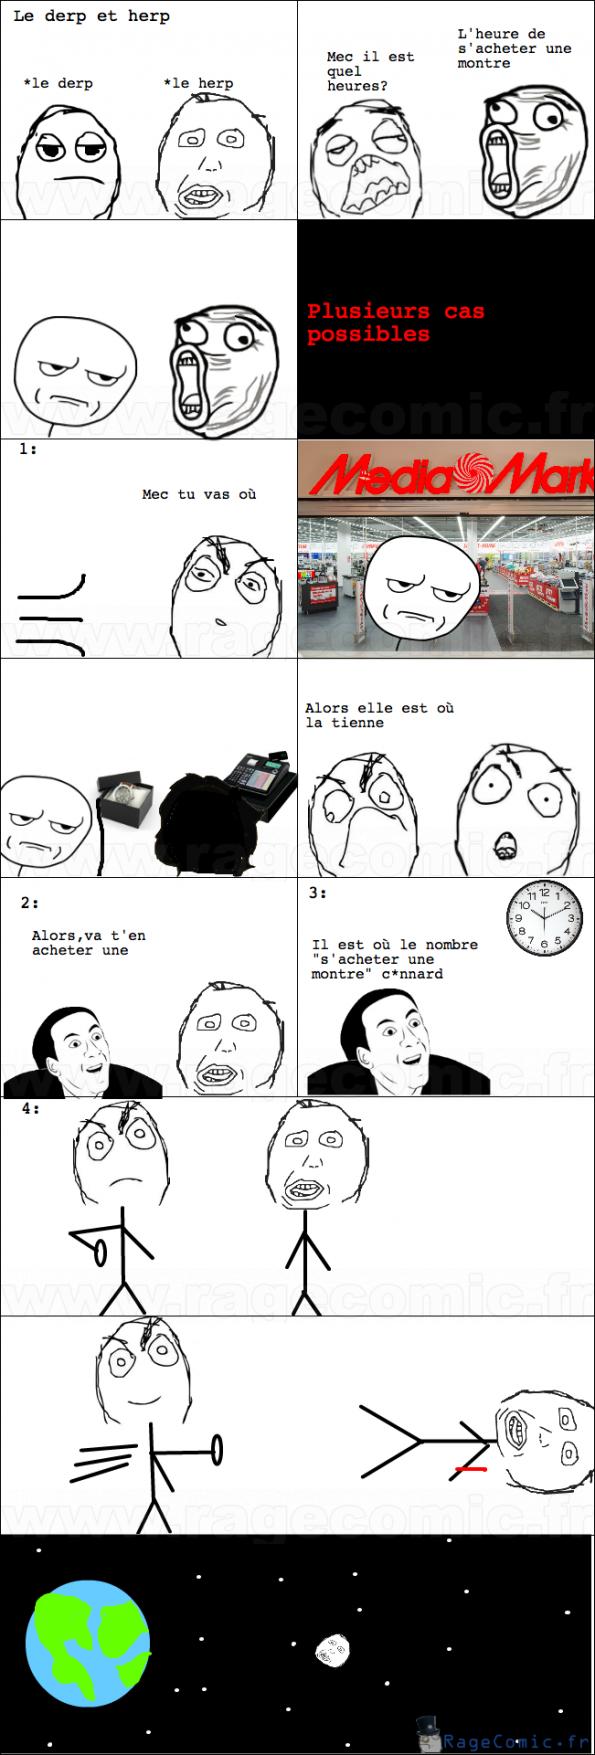 l'heure de s'acheter une montre